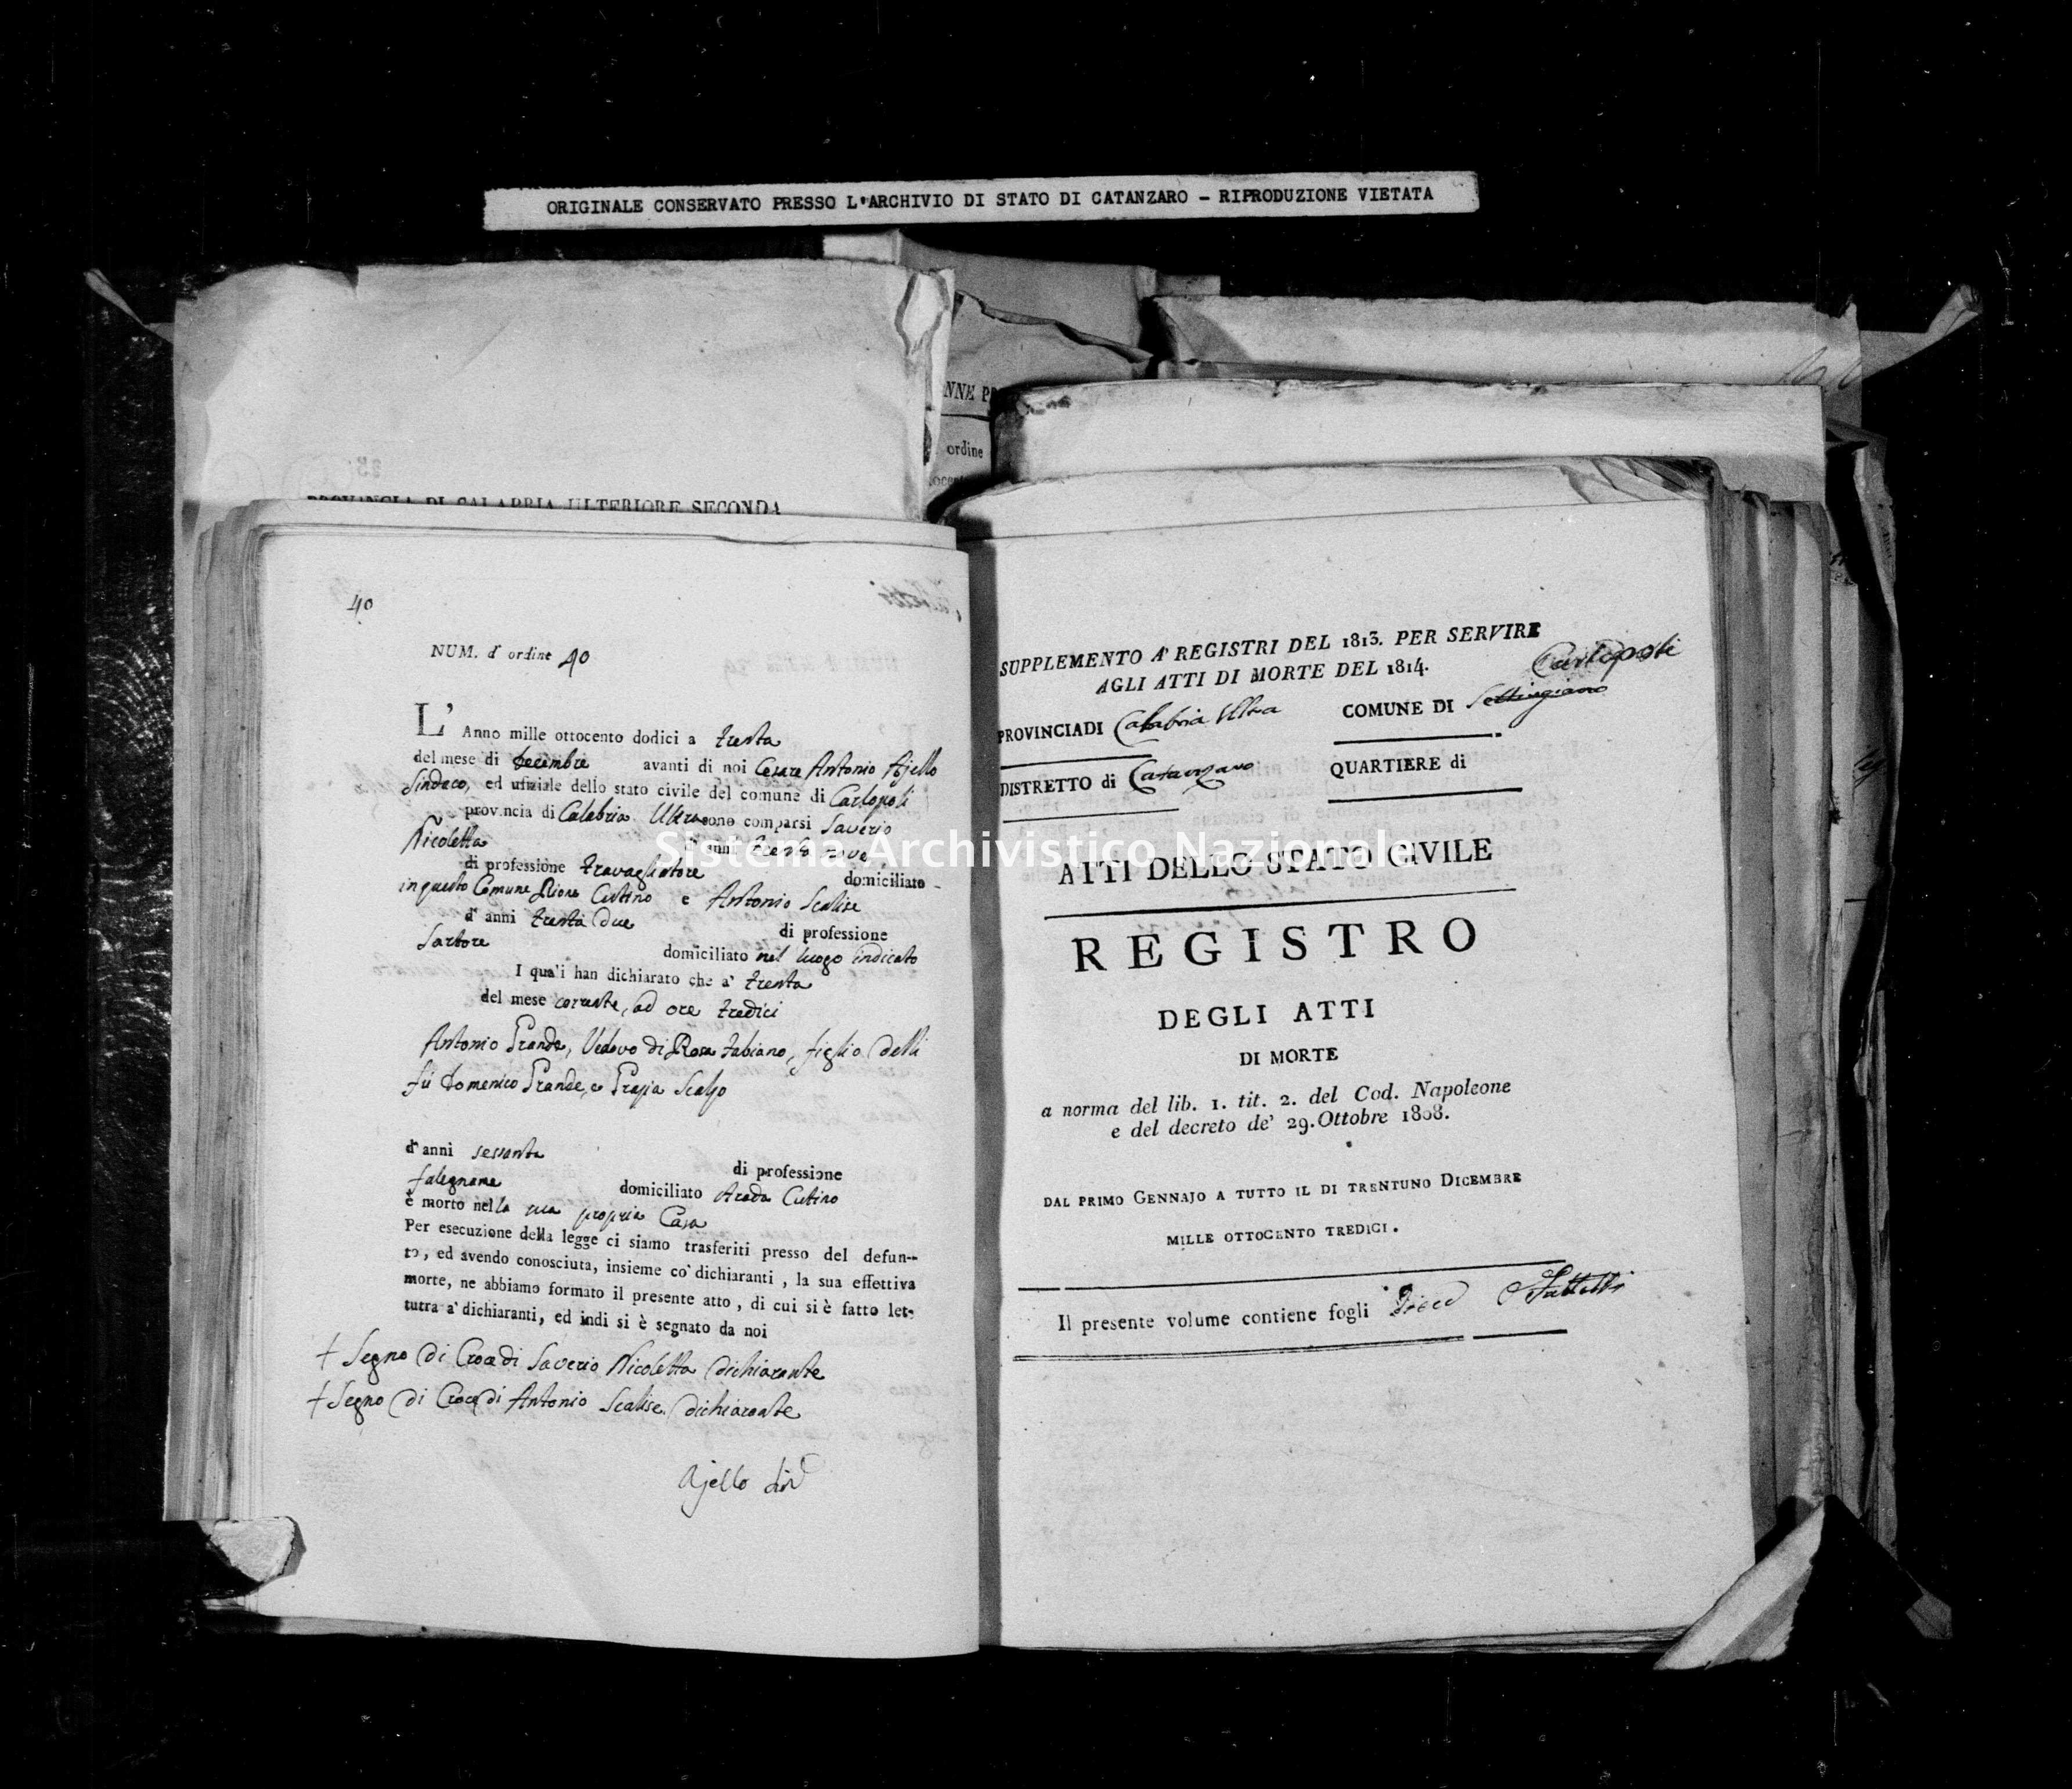 Archivio di stato di Catanzaro - Stato civile napoleonico - Carlopoli - Morti - 1814 -